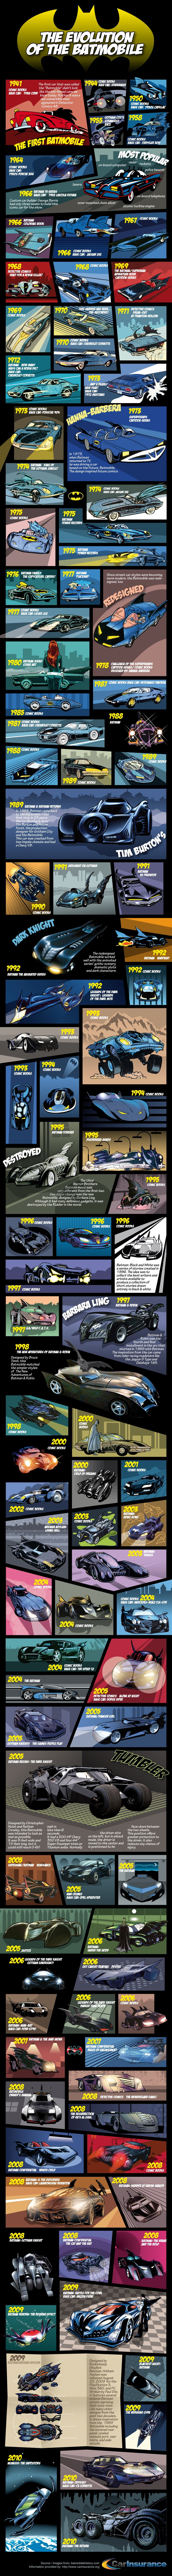 История бэтмобиля: все машины Темного Рыцаря - Изображение 32